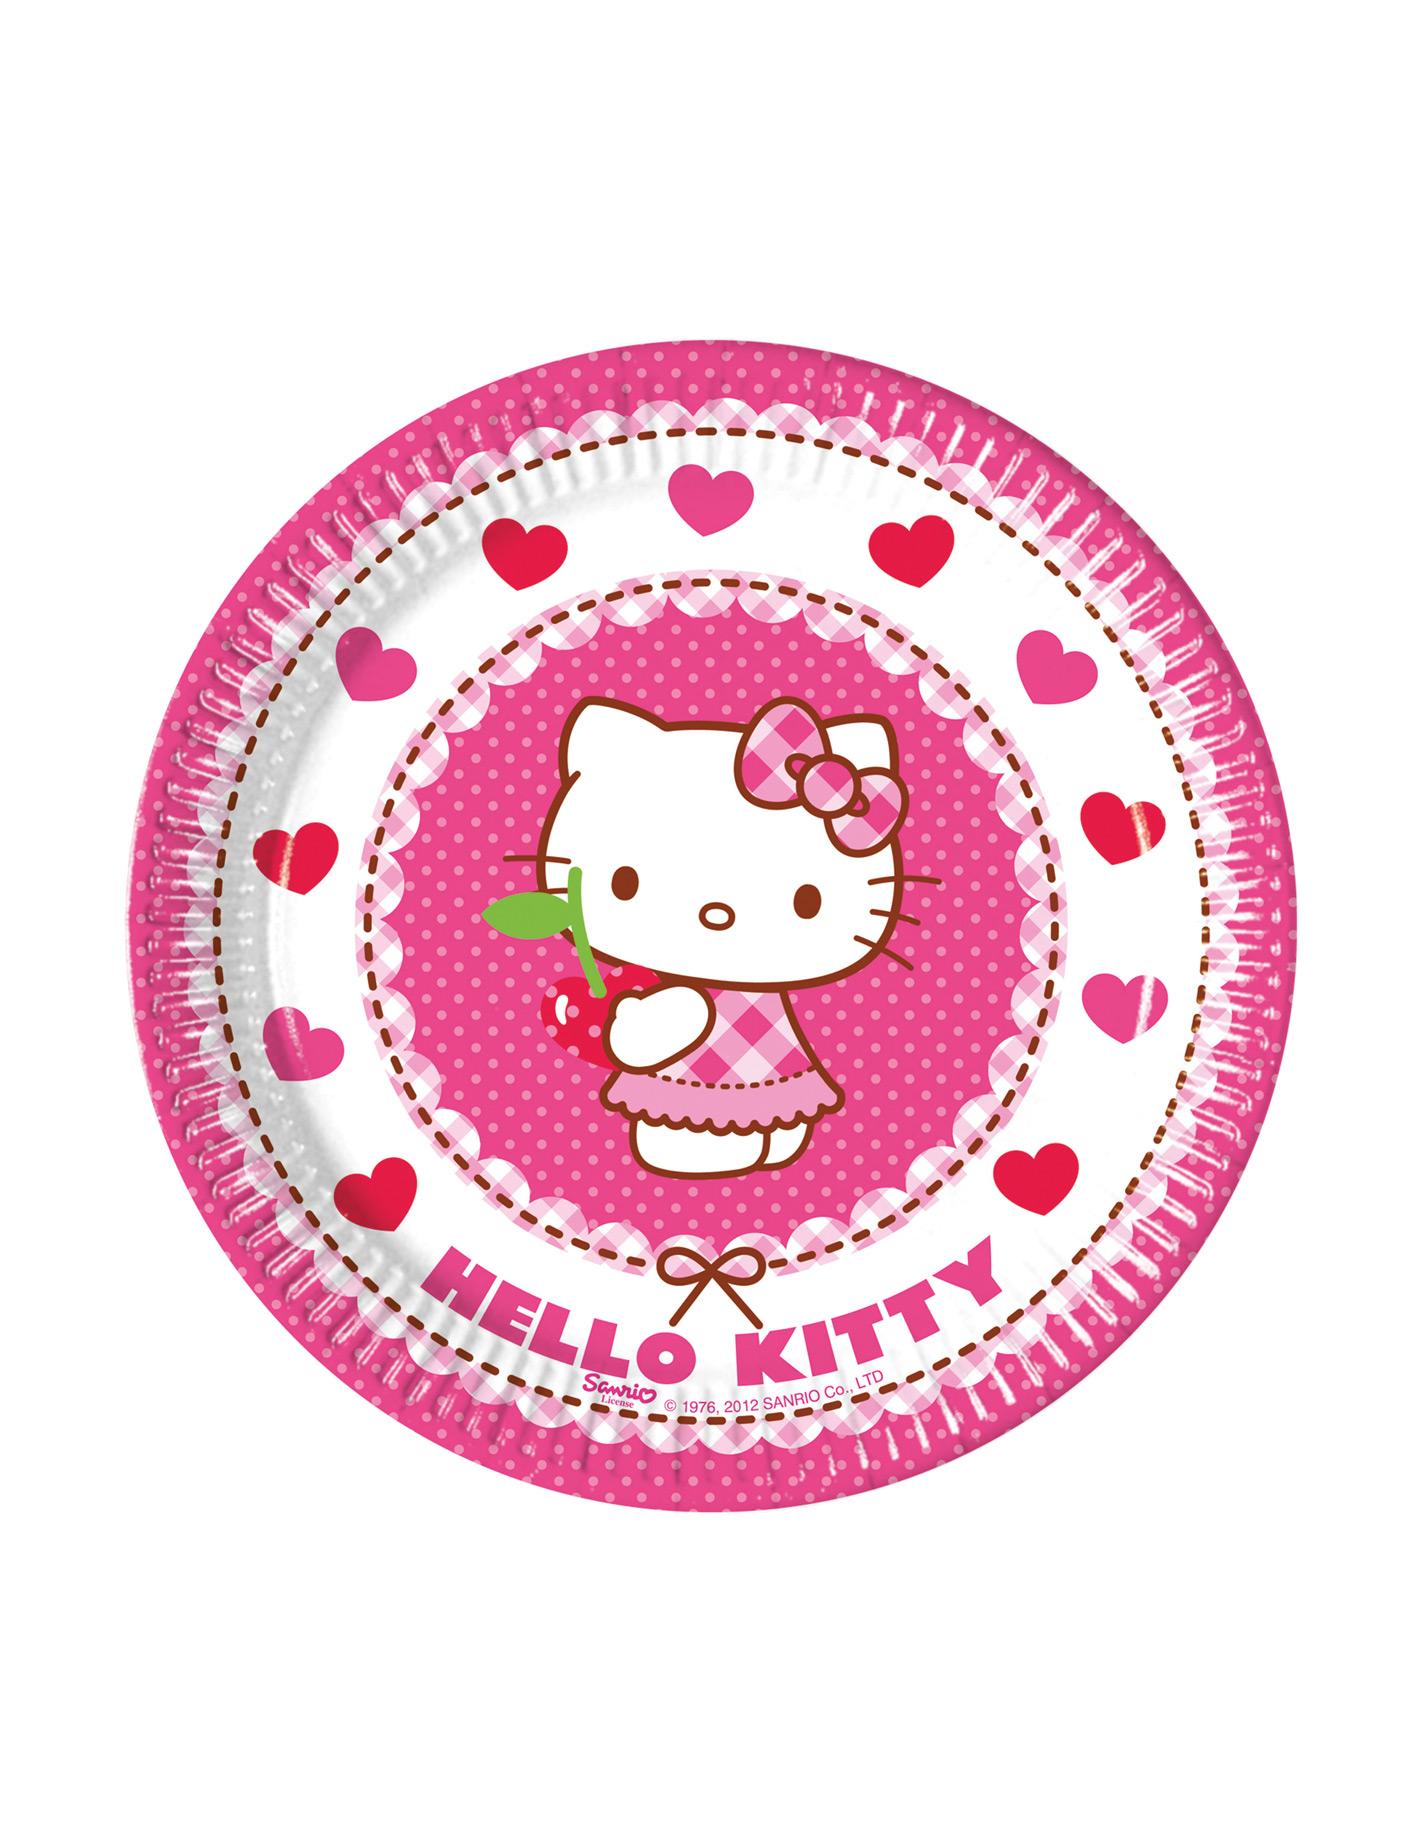 Piatti di cartone hello kitty™ addobbi e vestiti